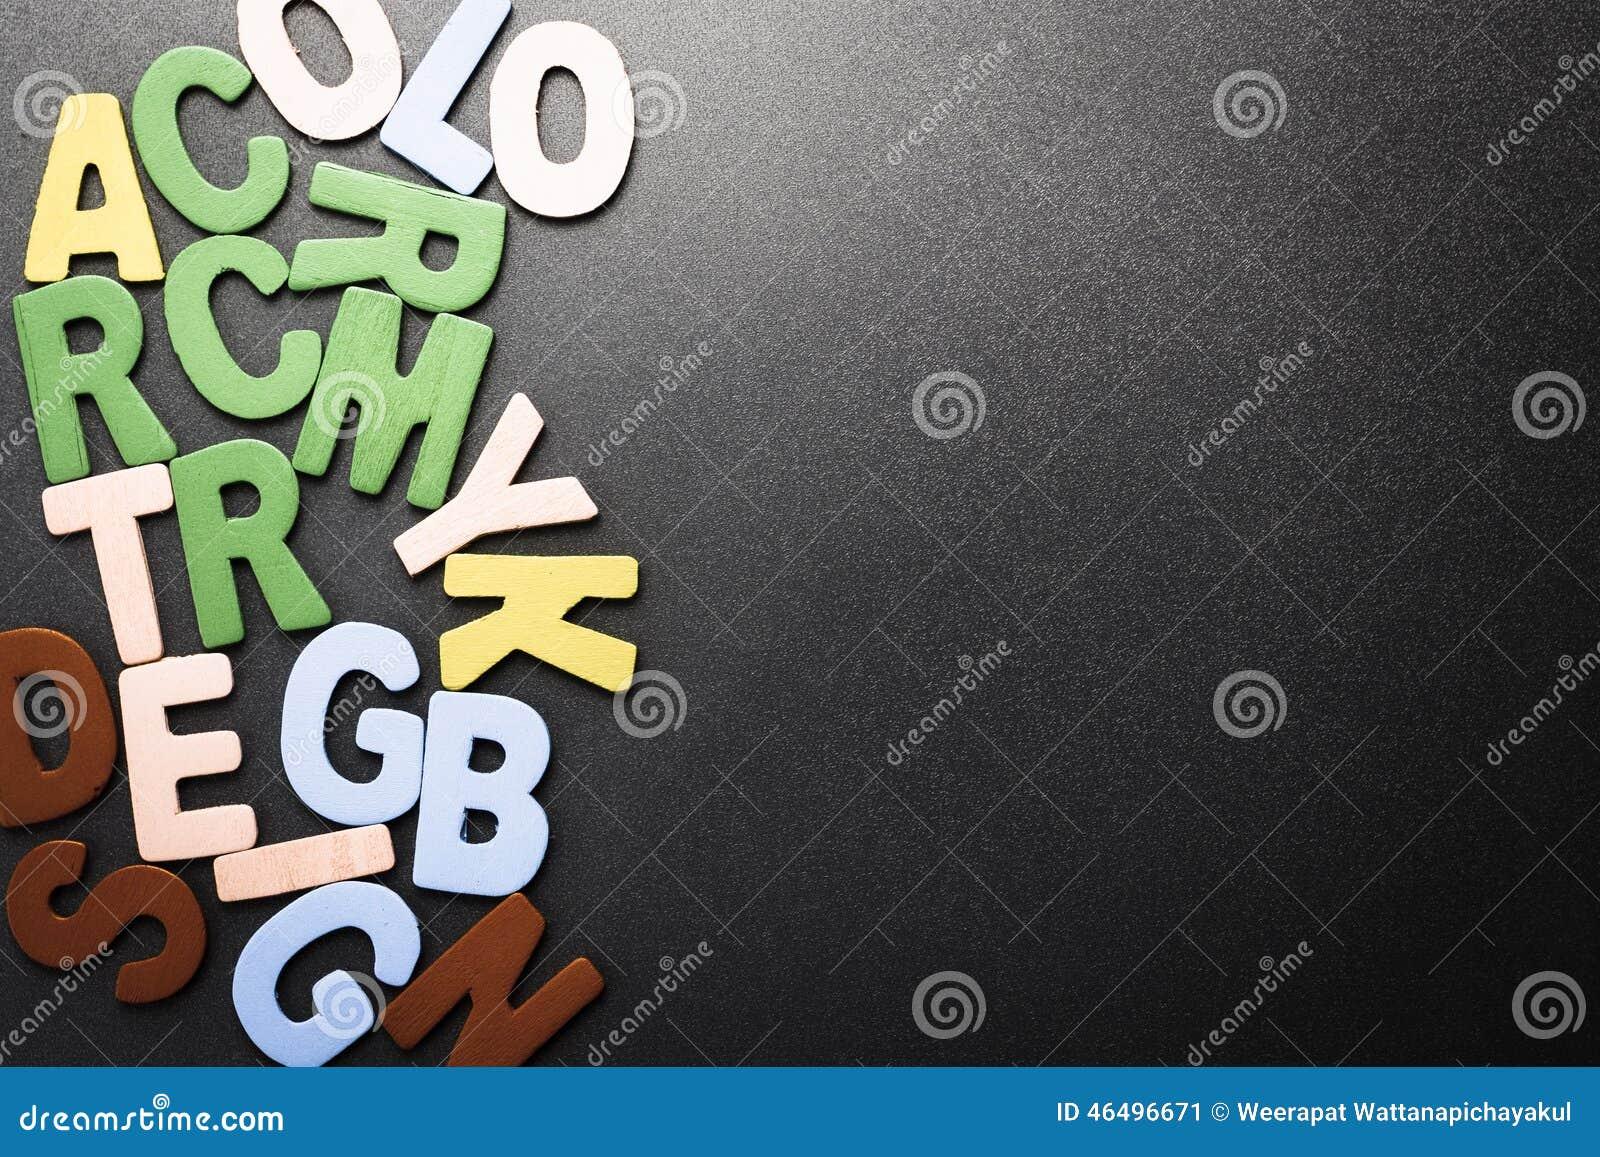 Ordet FÄRG på kulöra räknare i skarp fokus mot gråa suddiga bokstäver